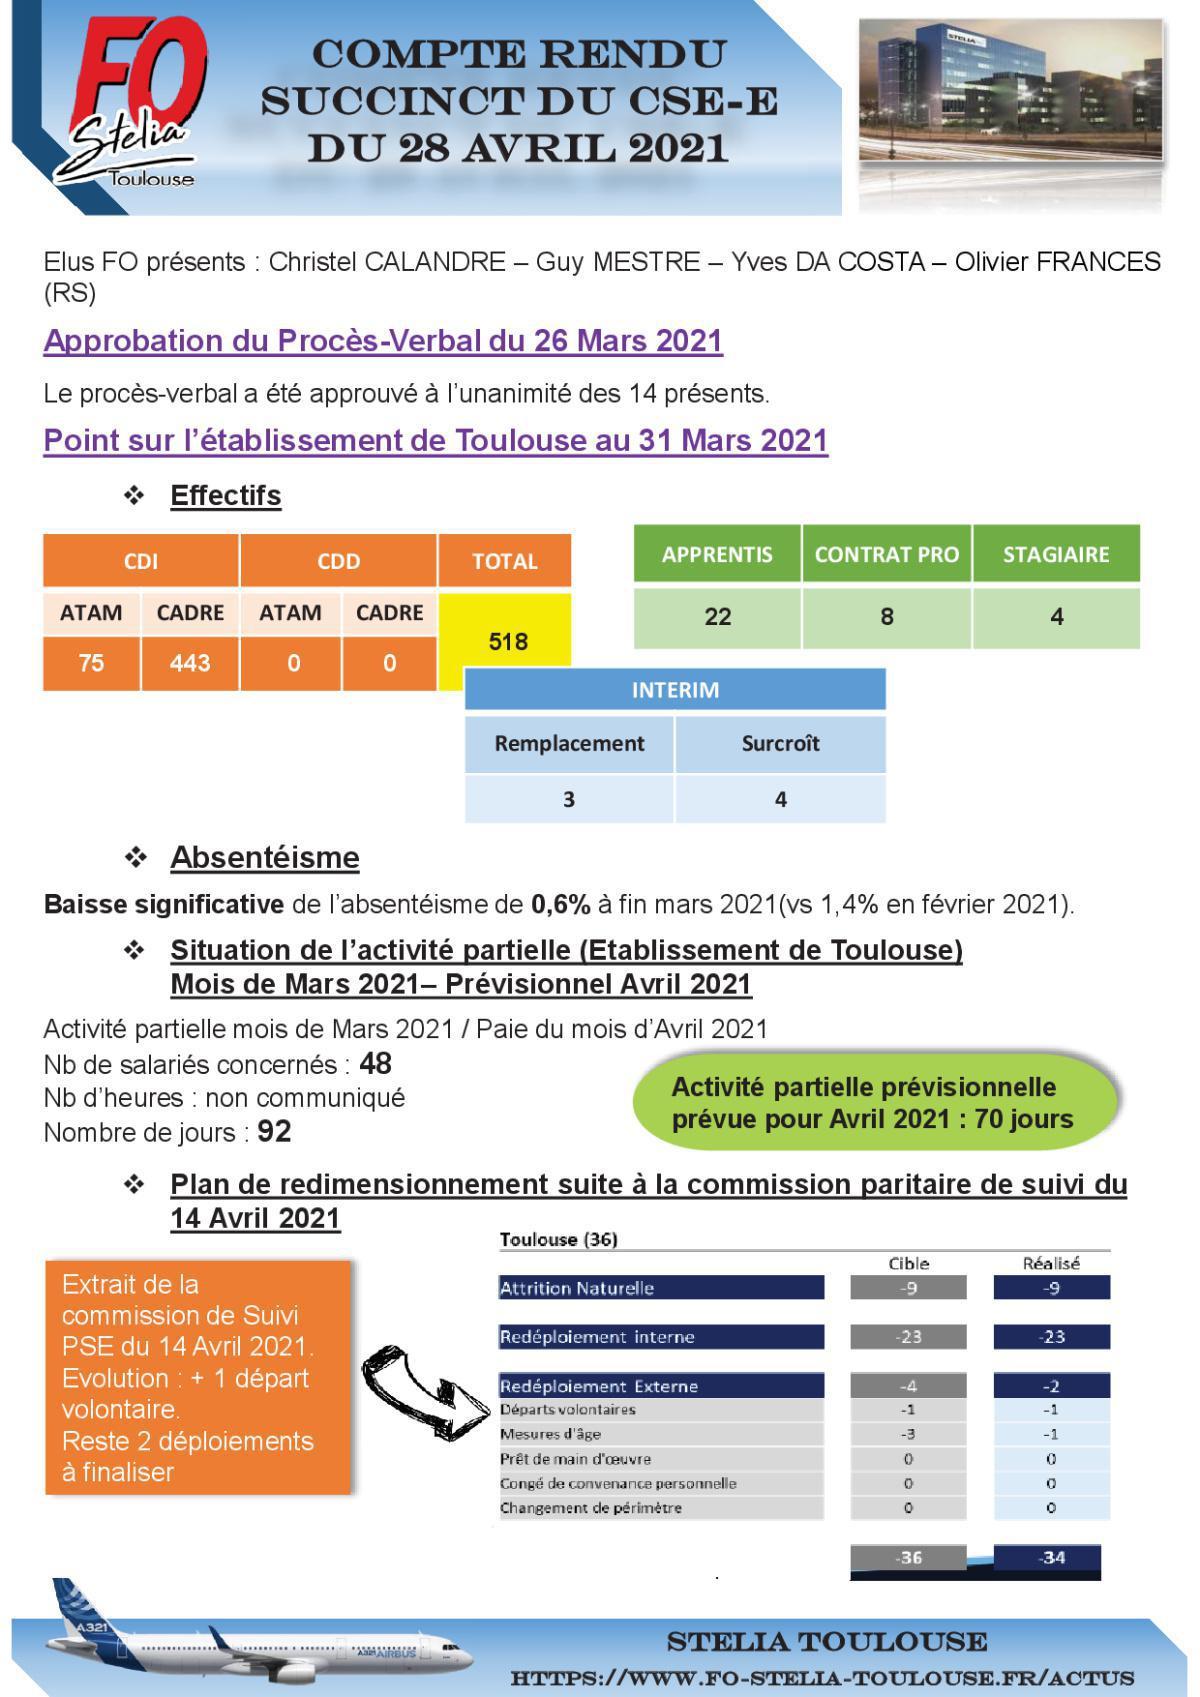 Compte Rendu succinct CSE-E du 28 Avril 2021